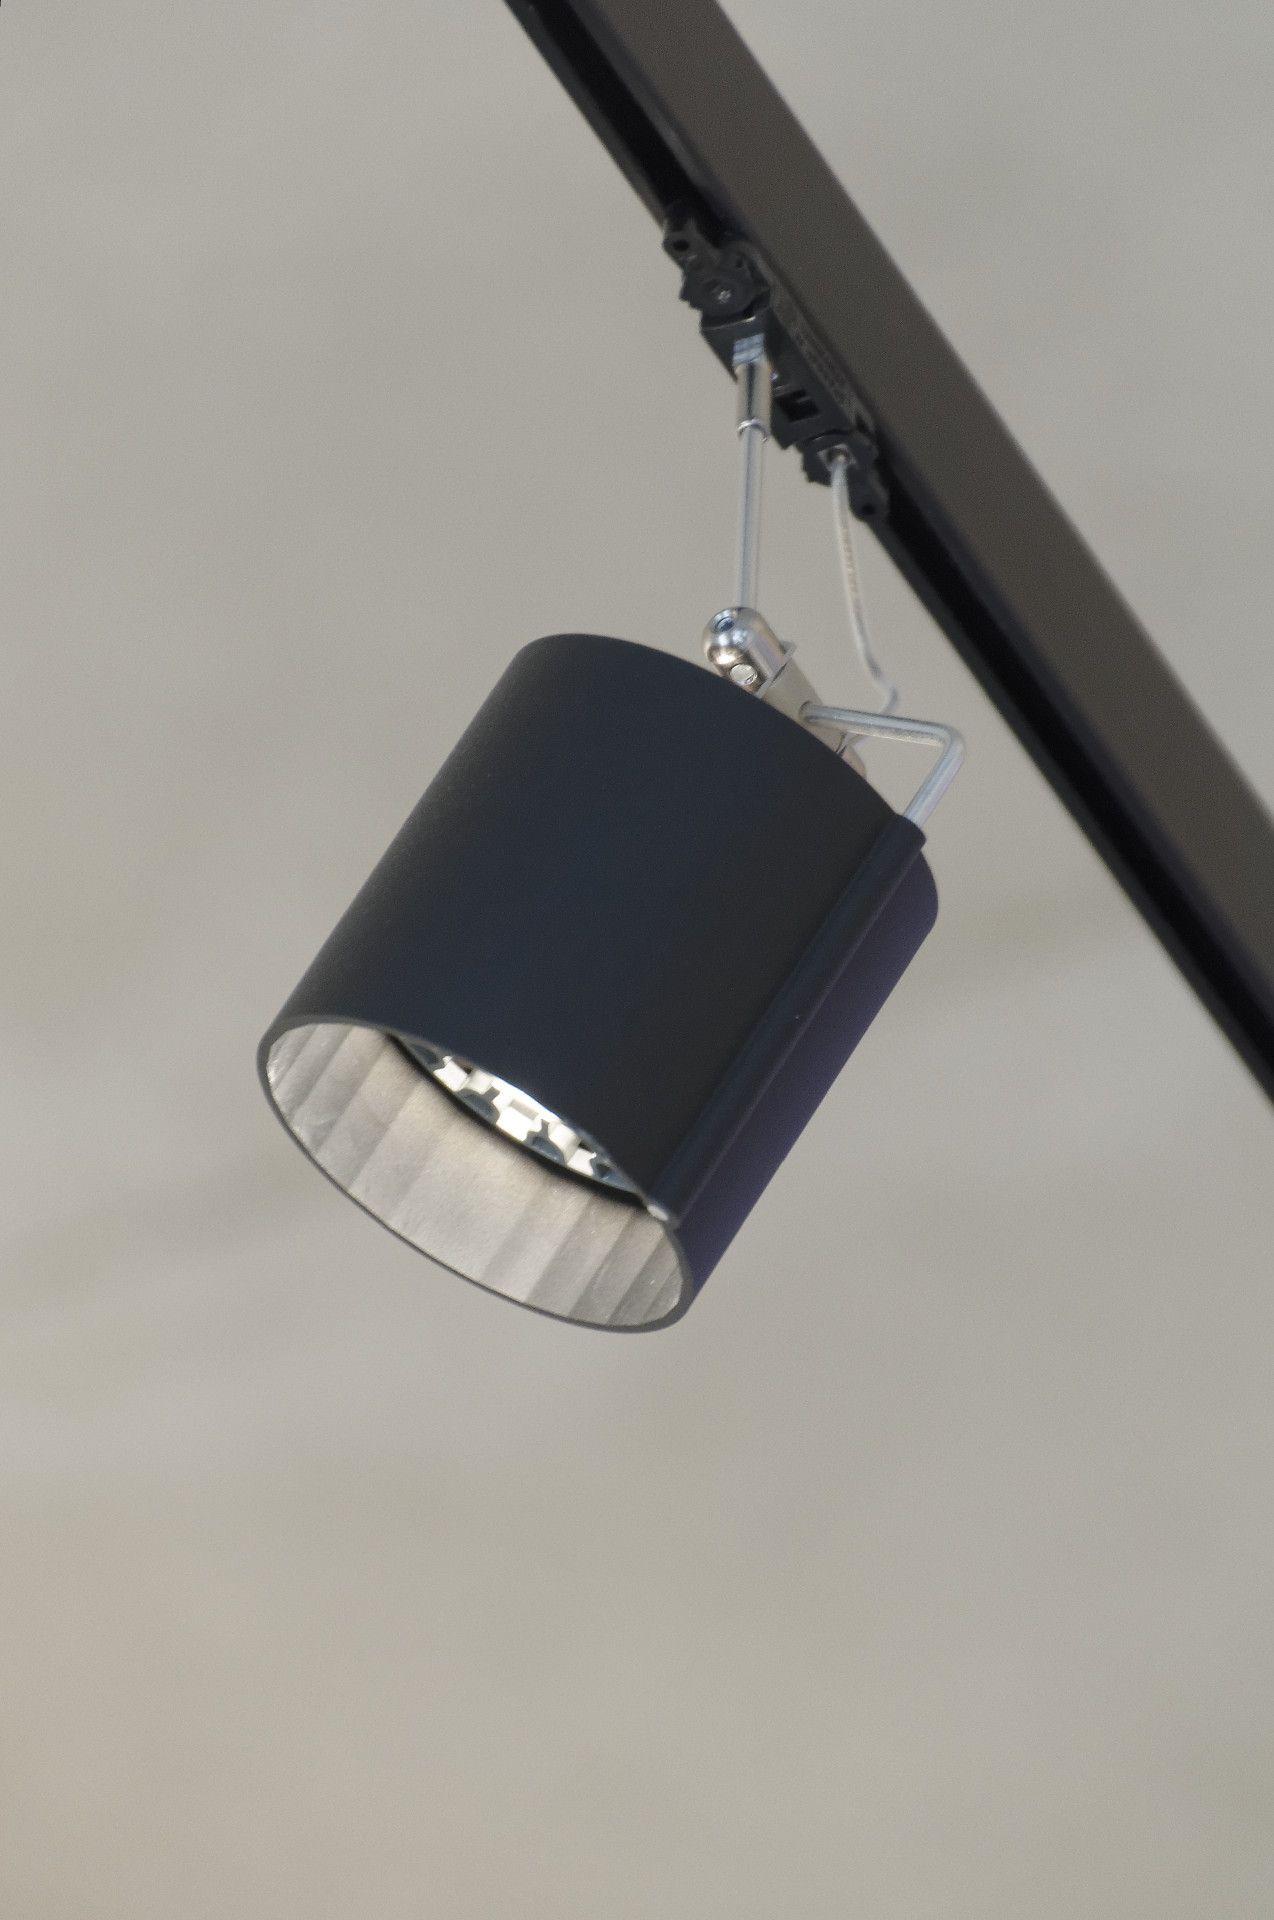 Buschfeld Lightlight Track Lightlight Pend Luminaire Spot 5 Tube Soraa Mr16 Lamp Lighting Light